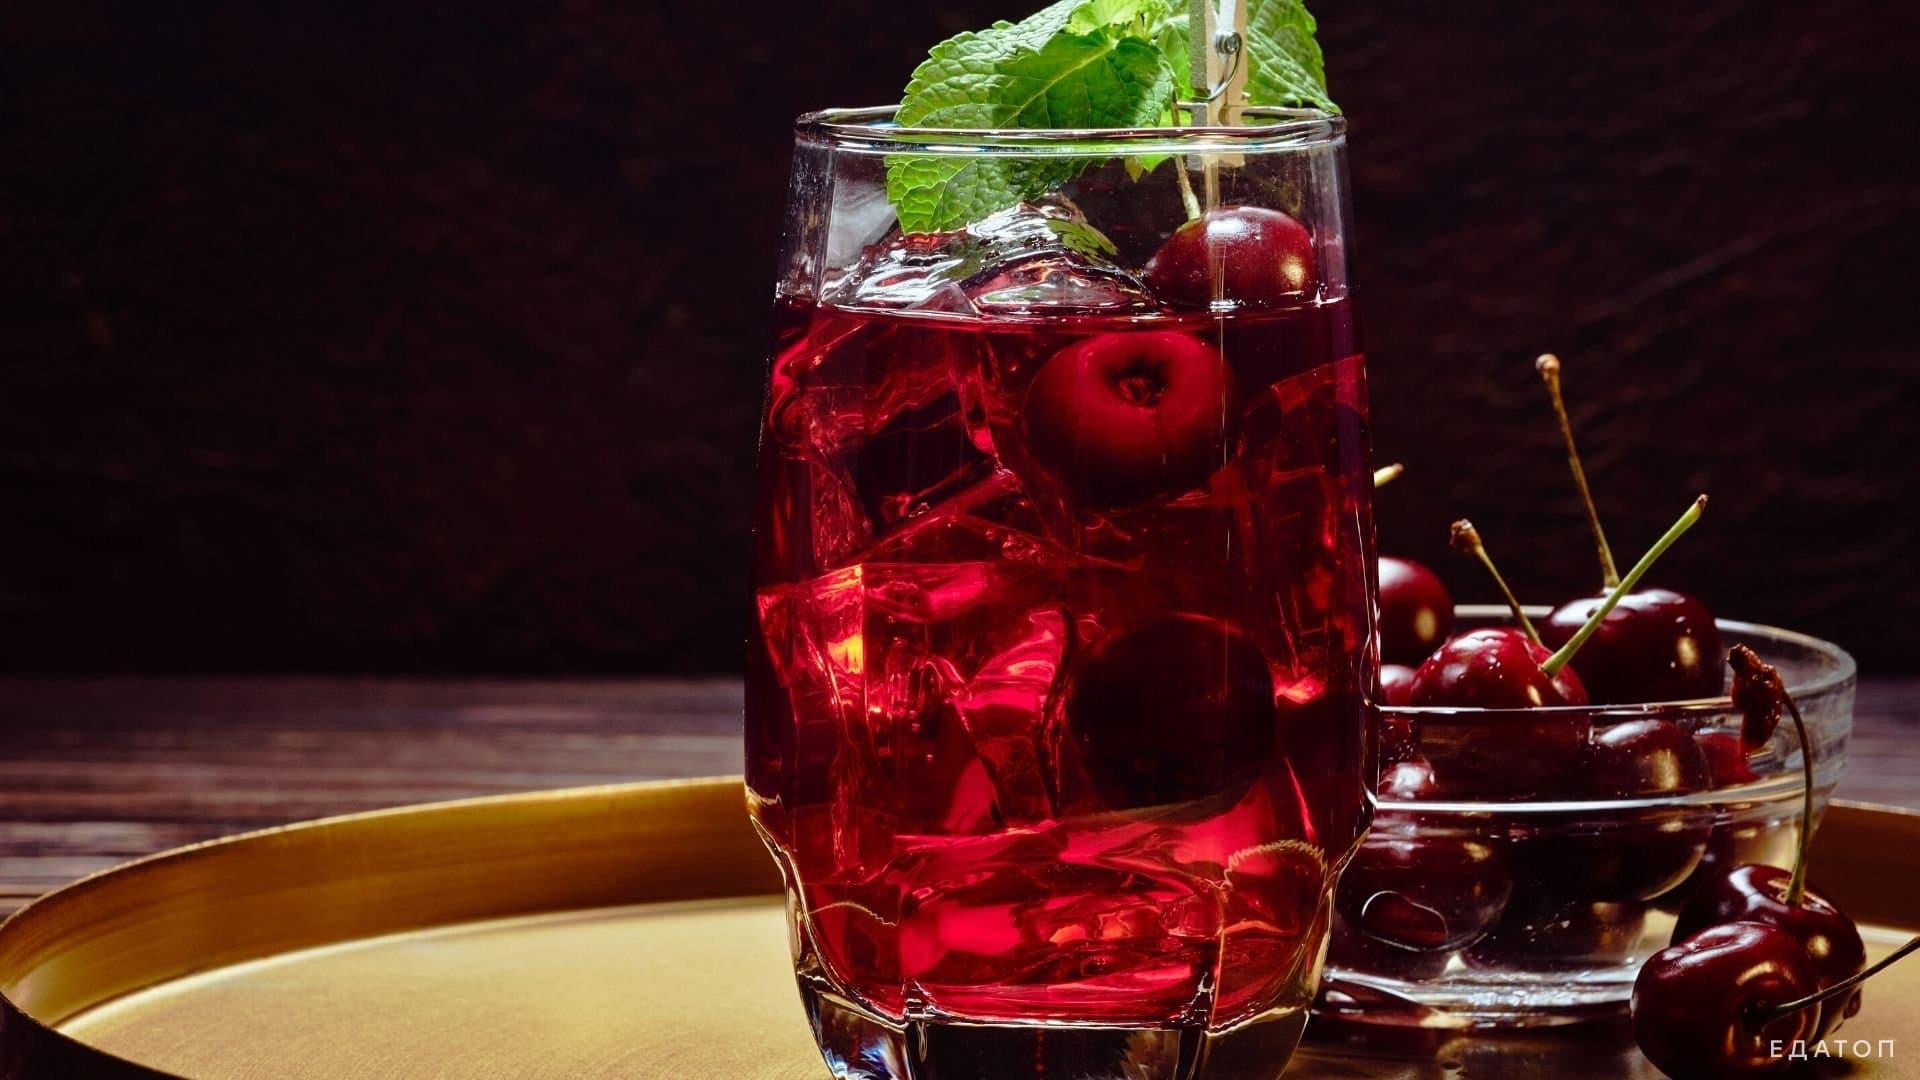 Вишневый сок - эффективное средство для профилактики и лечения бессонницы.